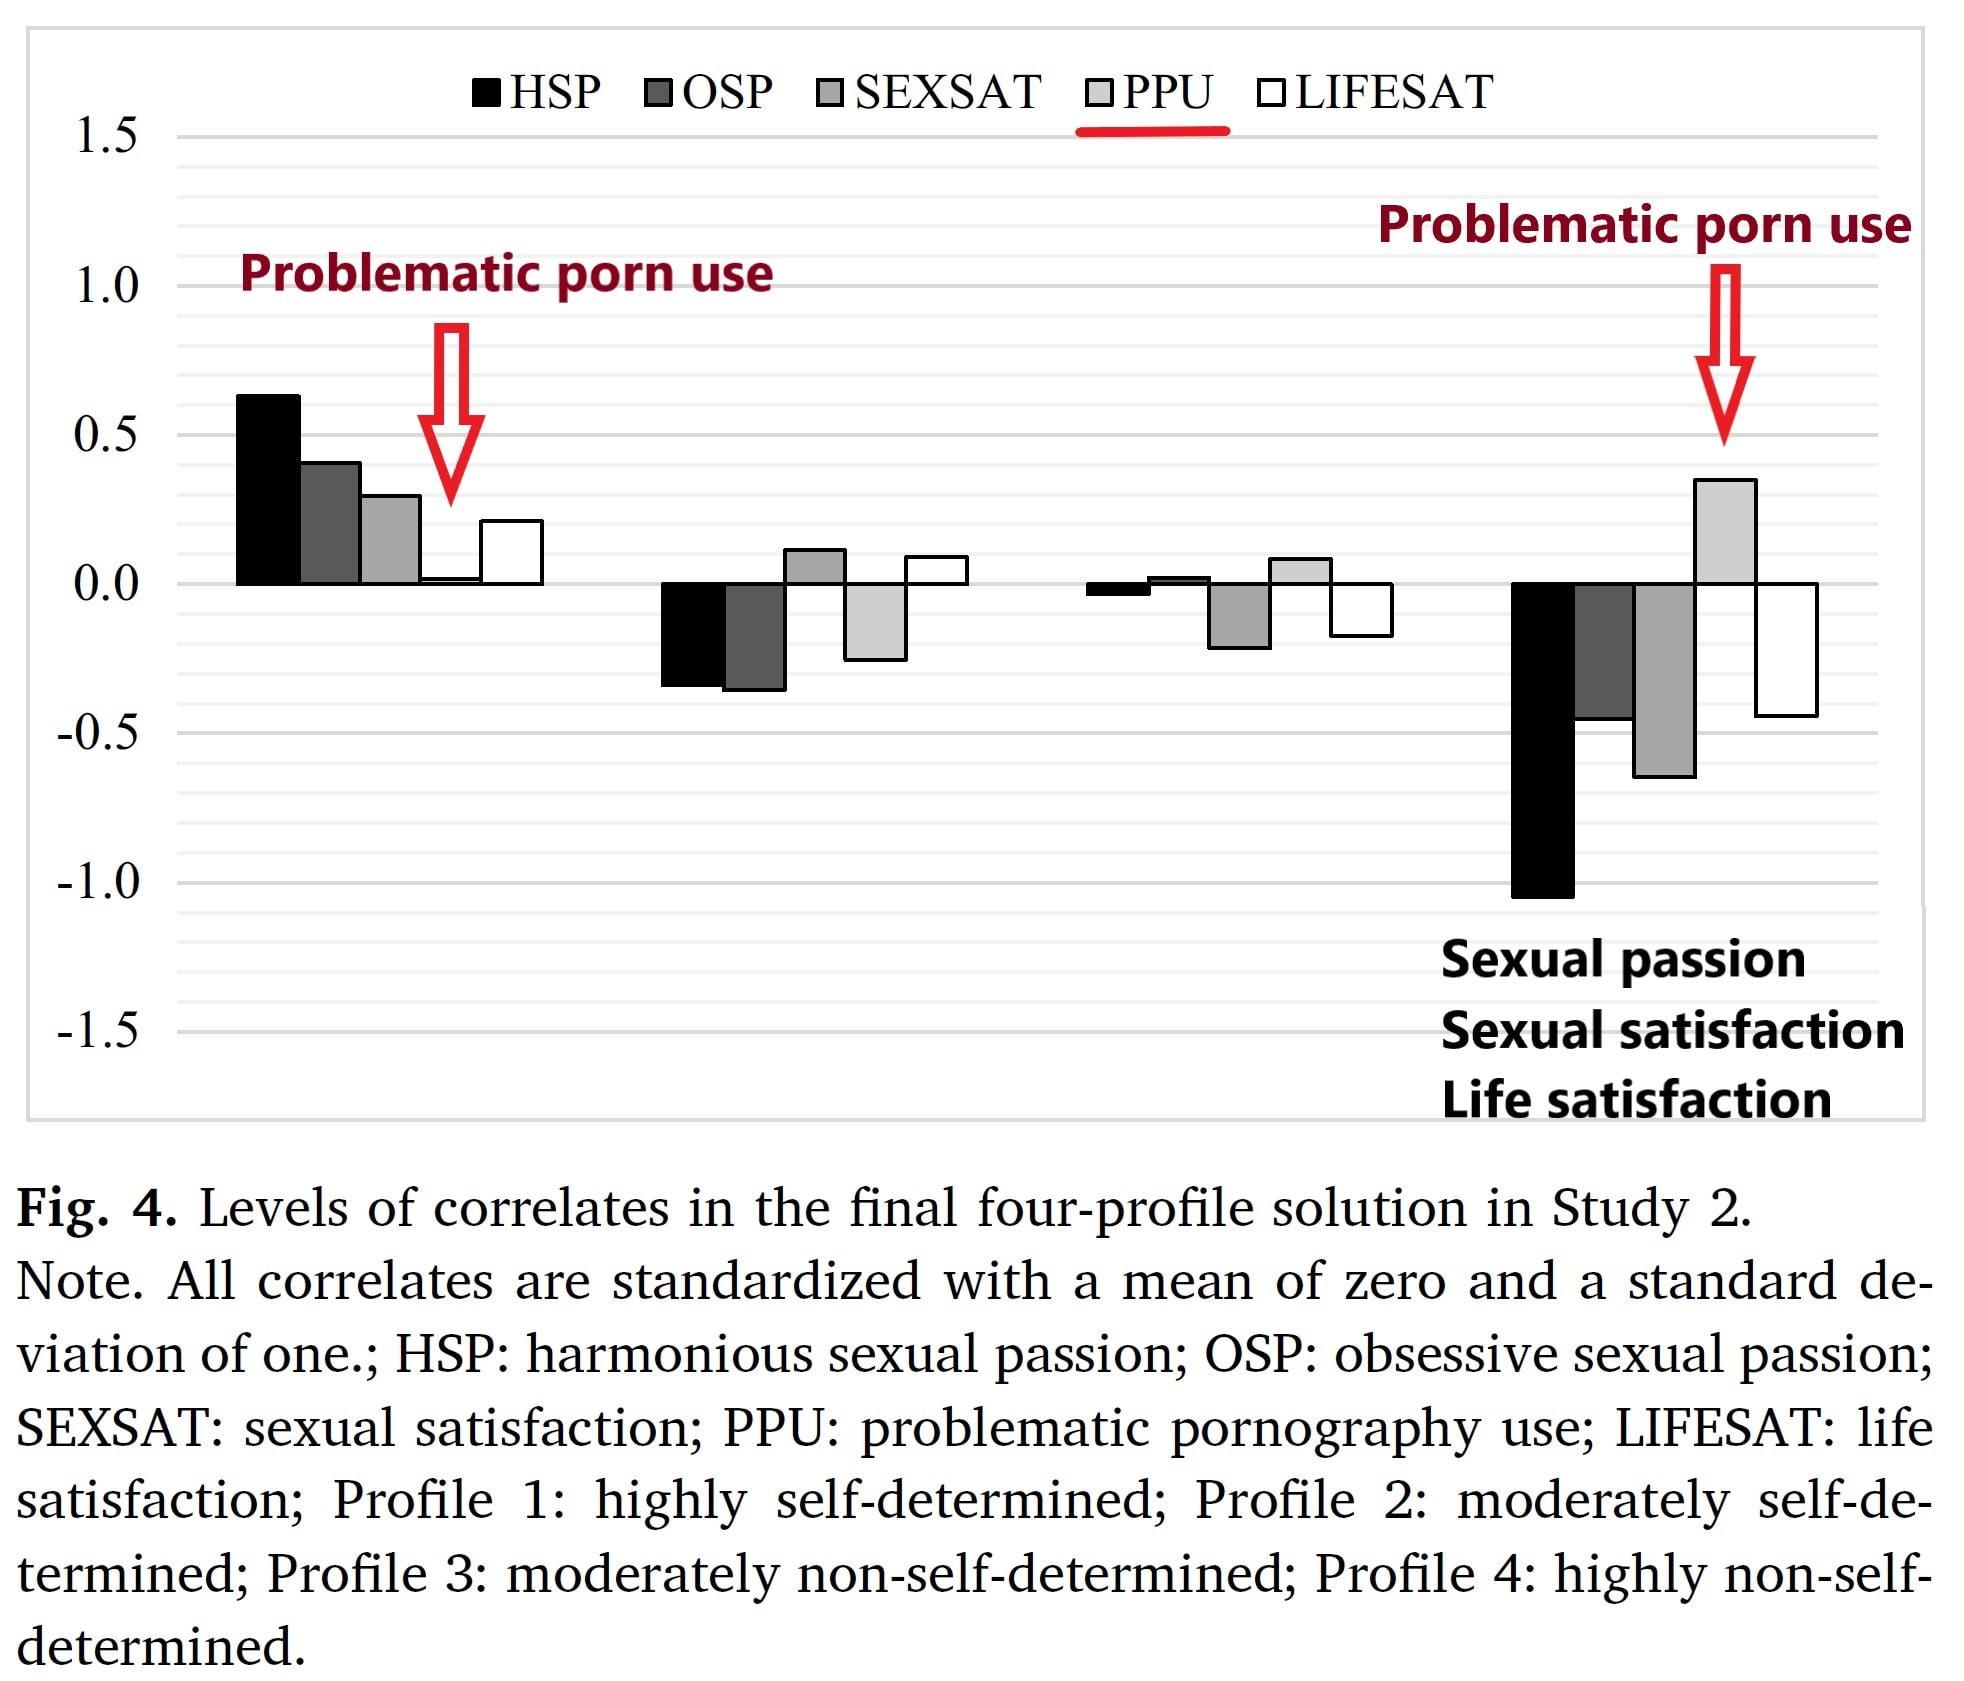 Vyriski seksualinio nario dydzio norma Kas padidino peni